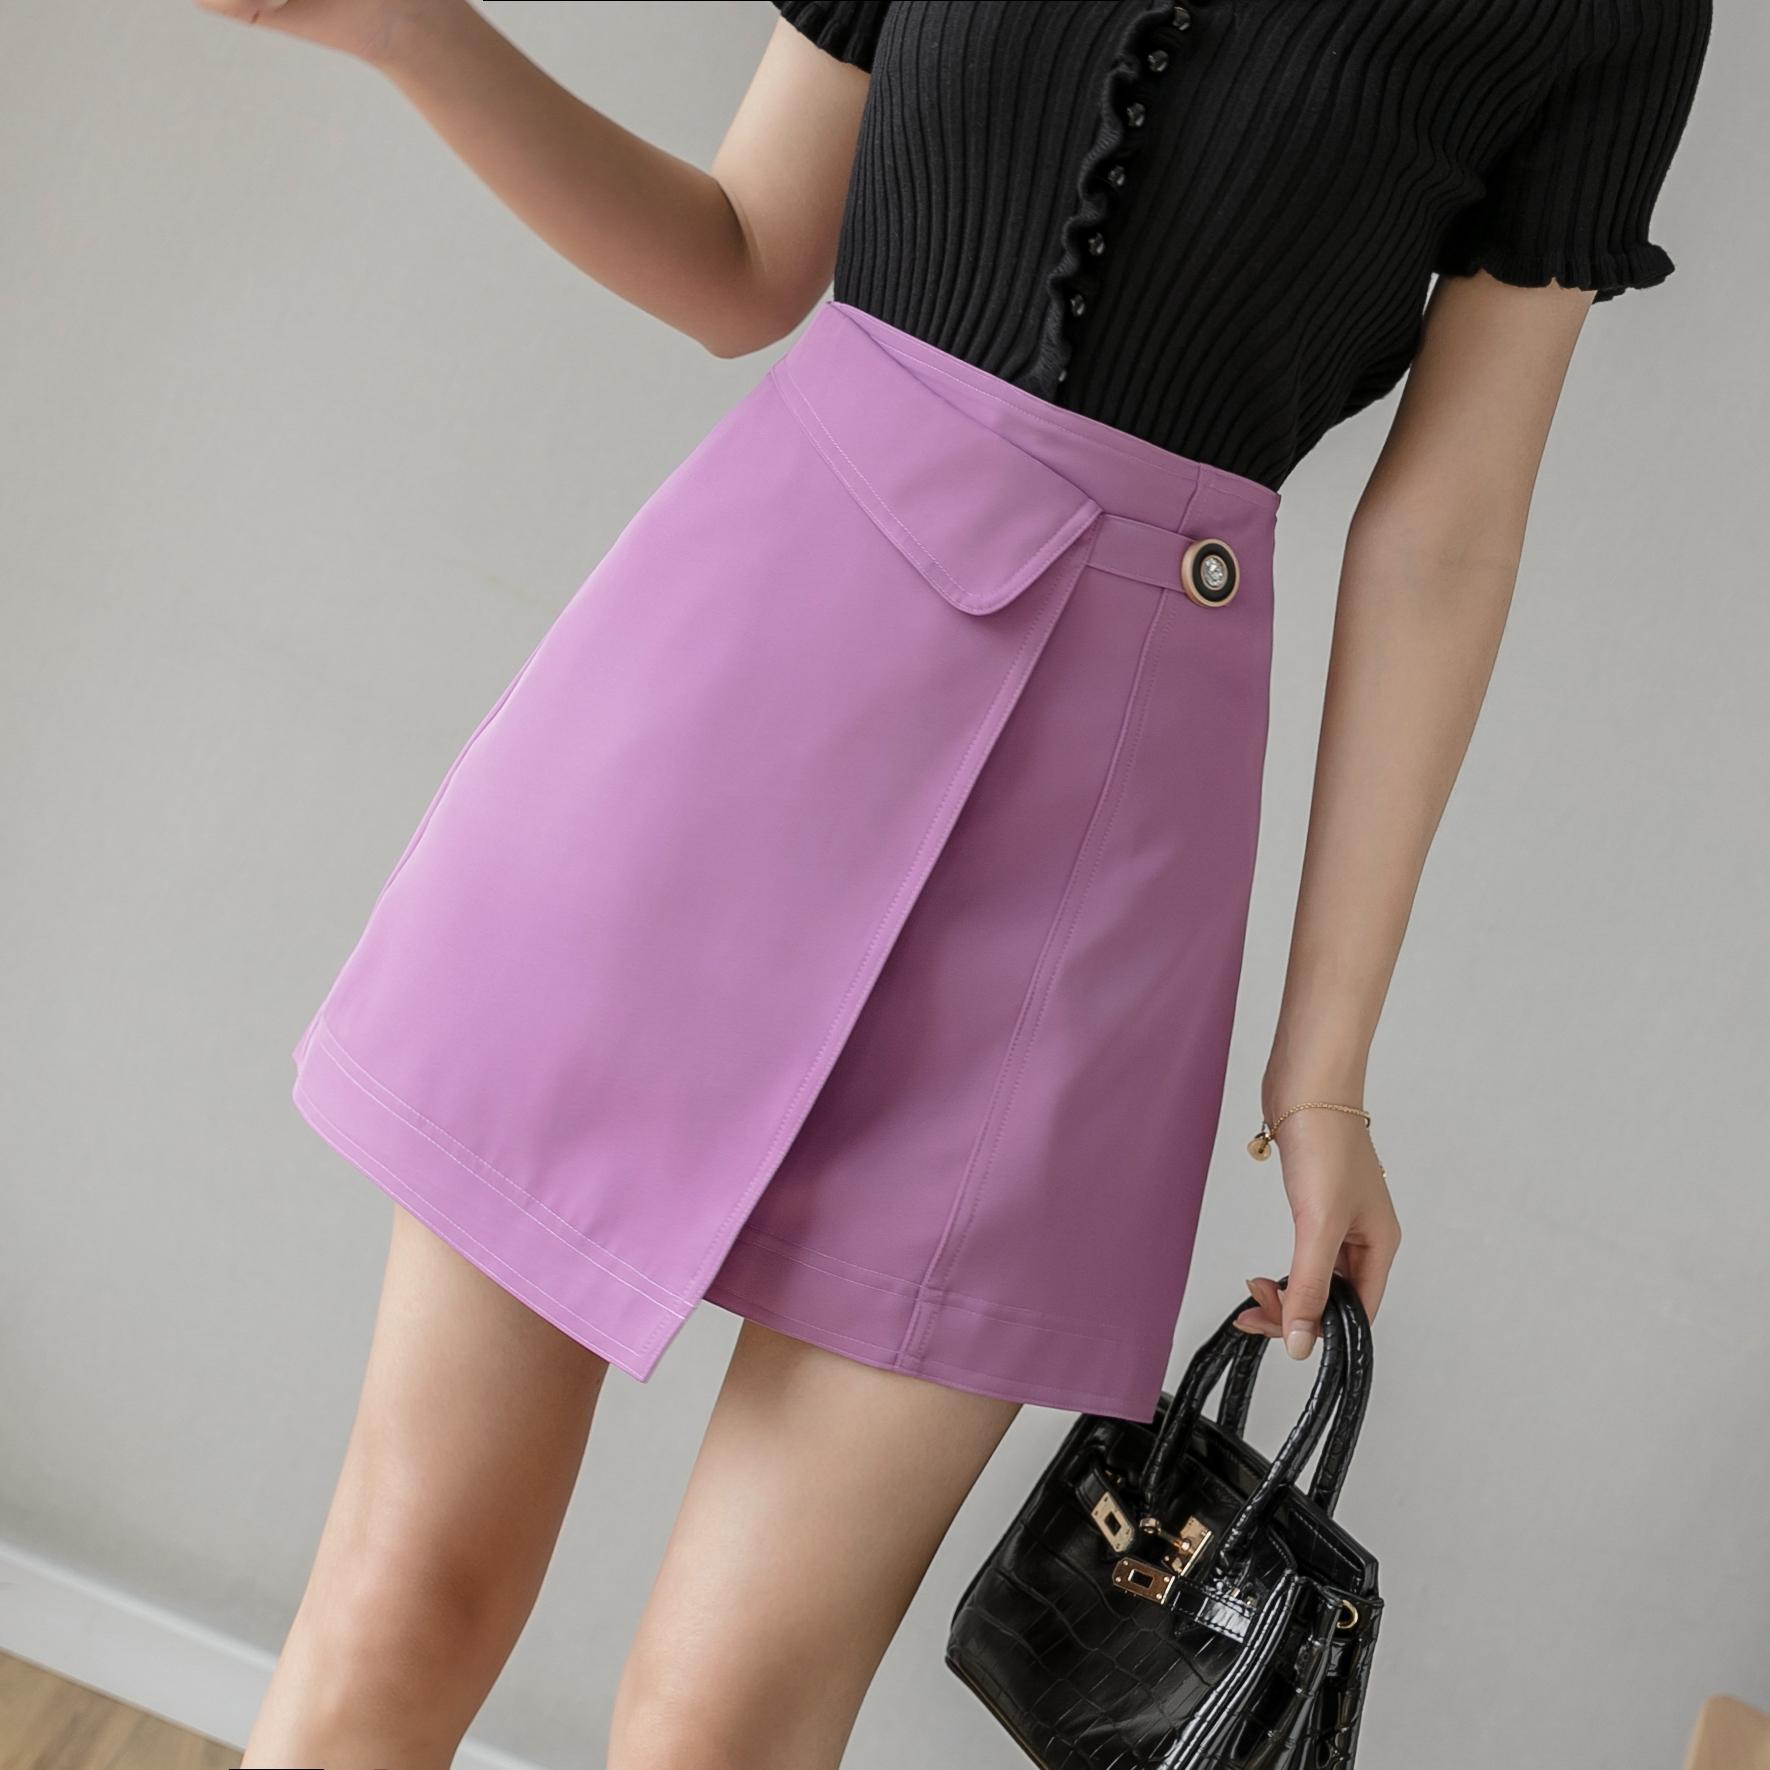 紫色a字裙不规则韩版裙子高腰显瘦半身裙包臀短裙女夏学院风ins潮